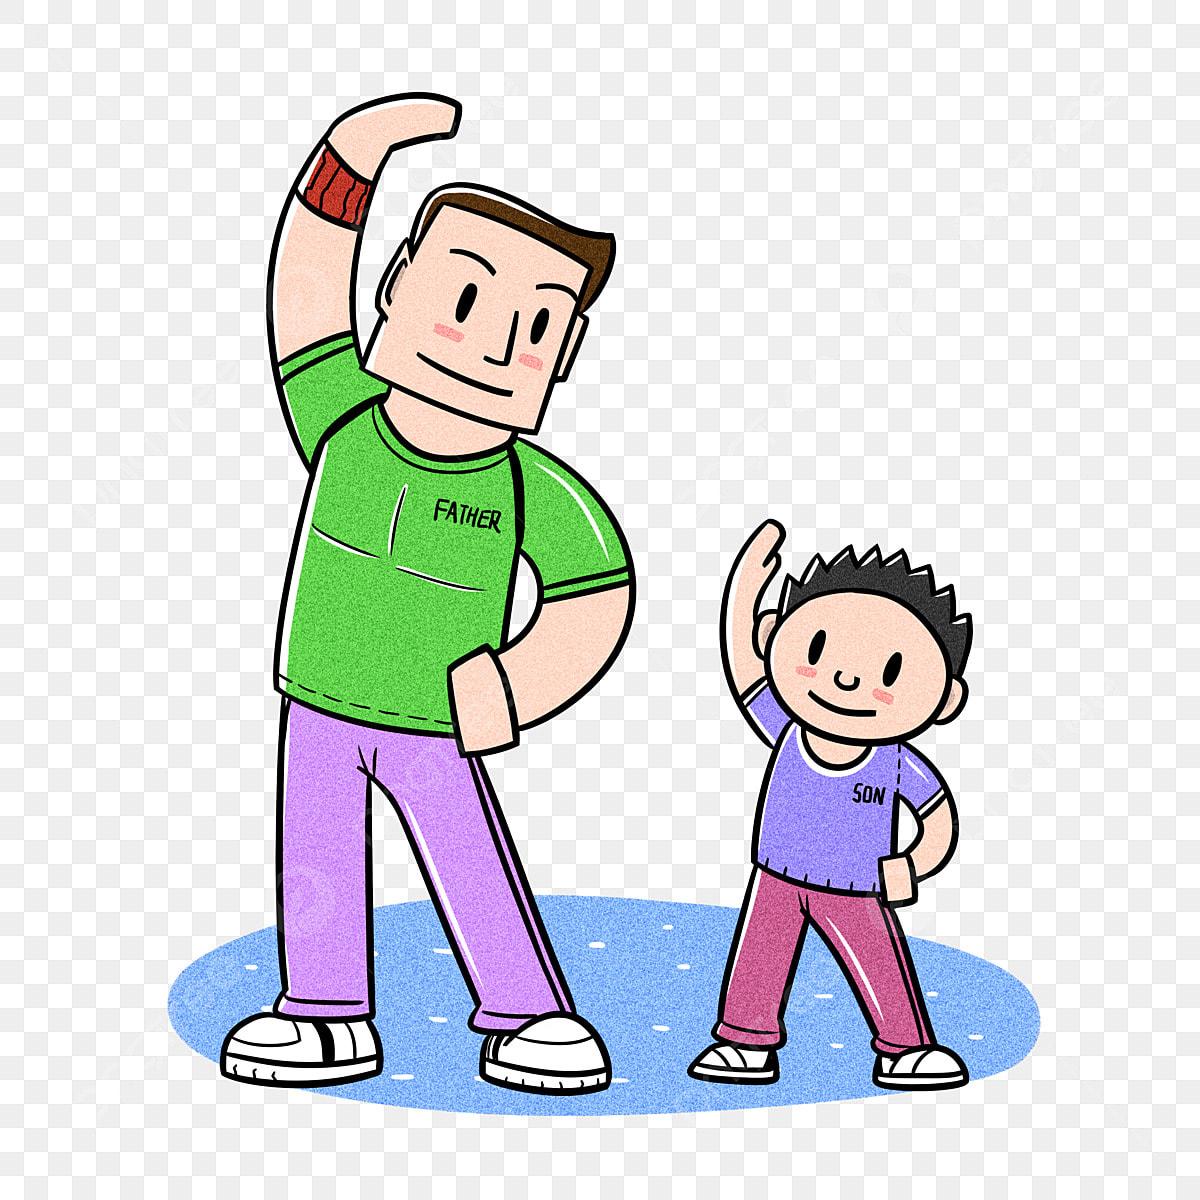 Kartun Hari Bapa Bapa Dan Anak Bapa Kartun Dan Anak Bawah